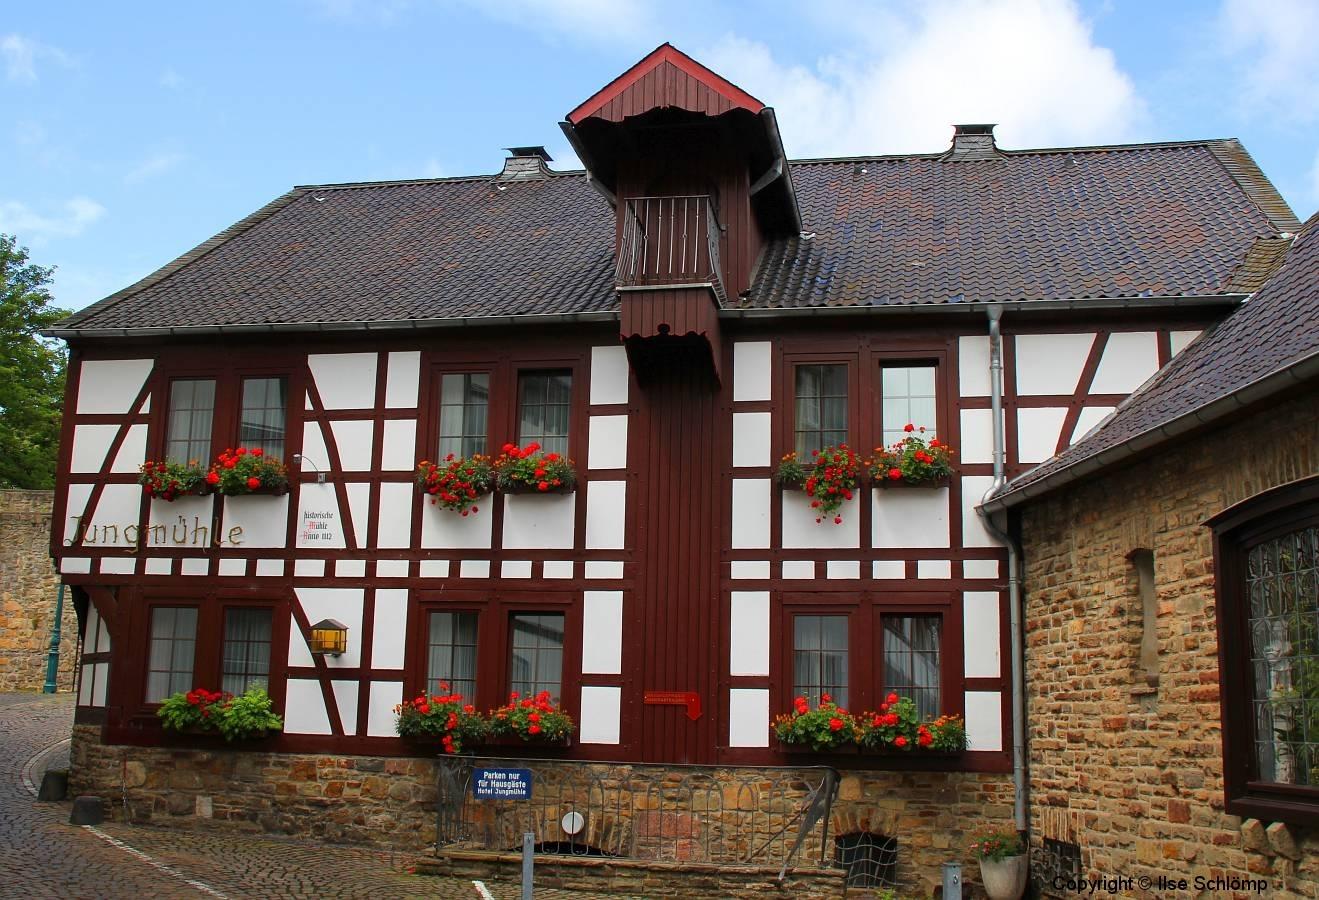 Bad Münstereifel, Jungmühle